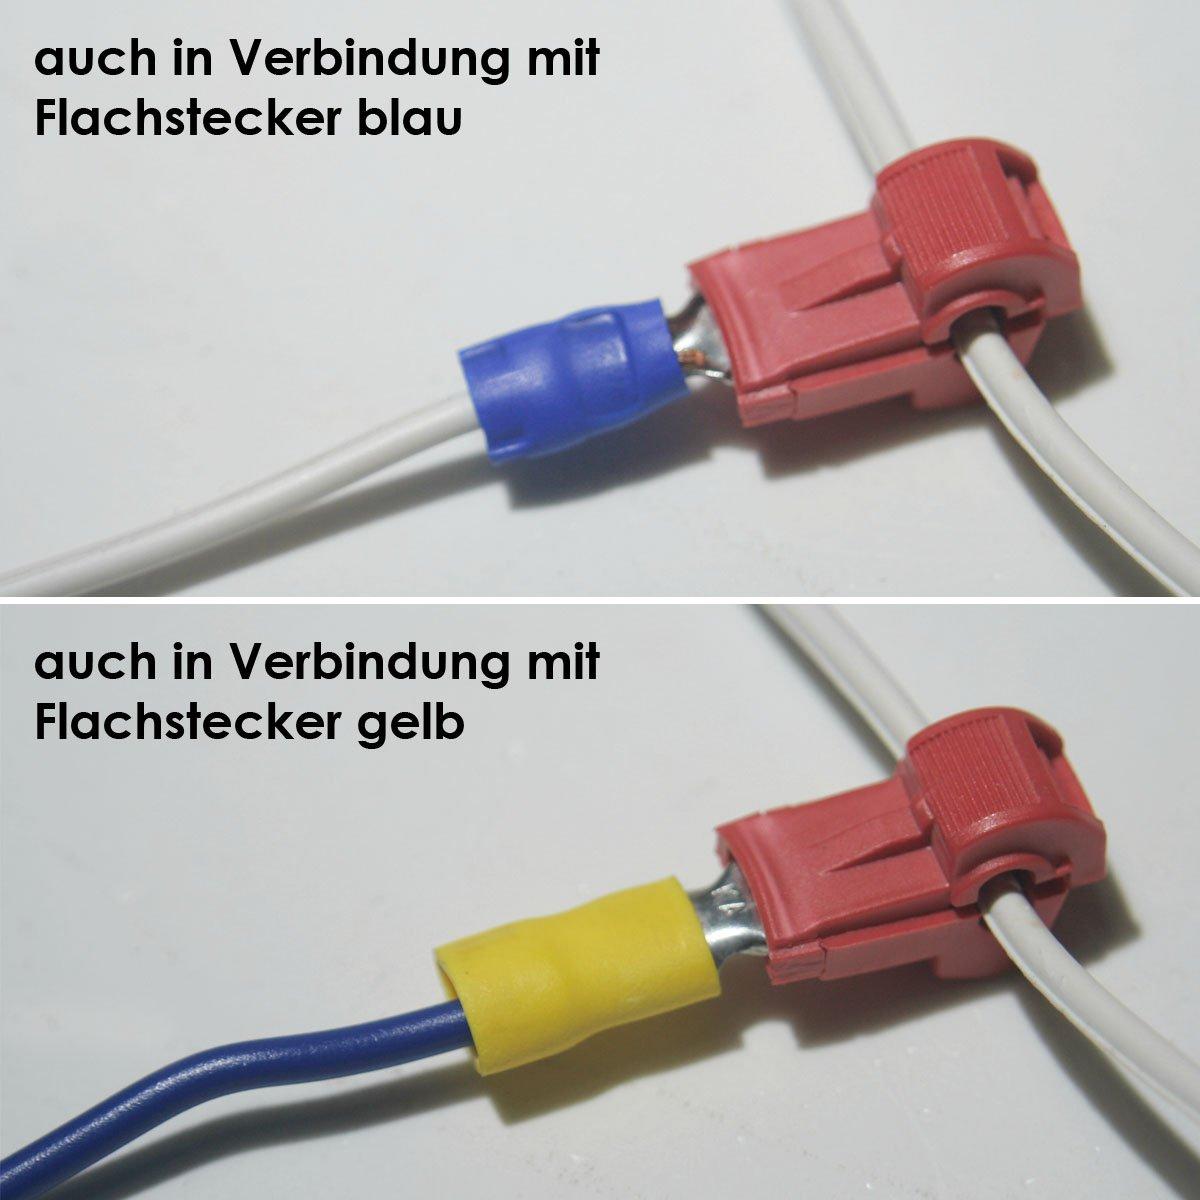 Unterschiedlich 10 Abzweigverbinder für Kabelschuhe ROT: Amazon.de: Elektronik SY18